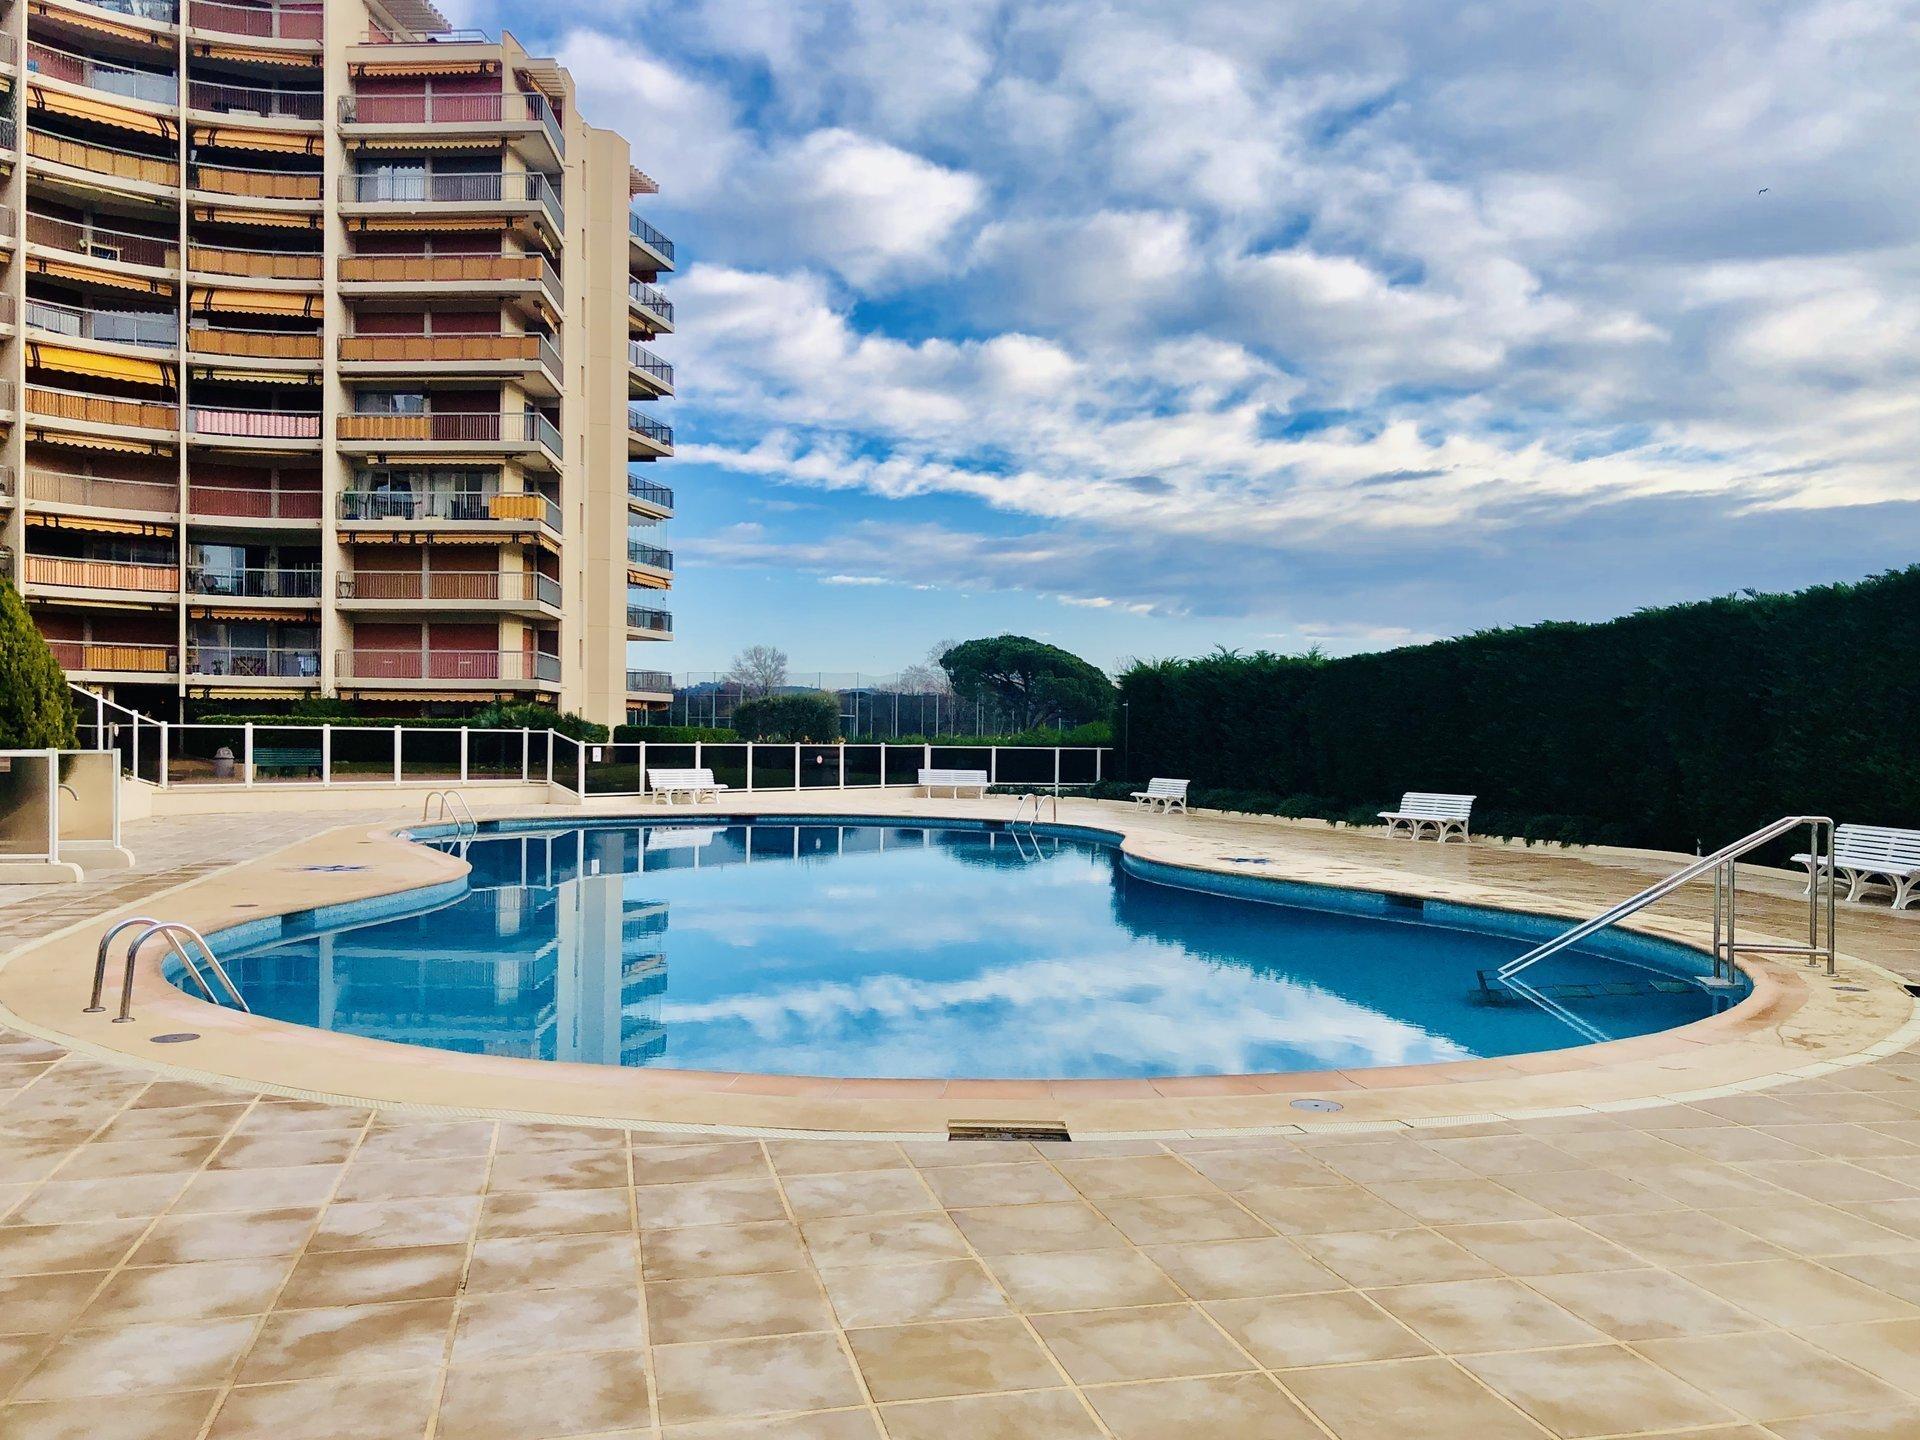 Sale Apartment - Mandelieu-la-Napoule Cannes Marina